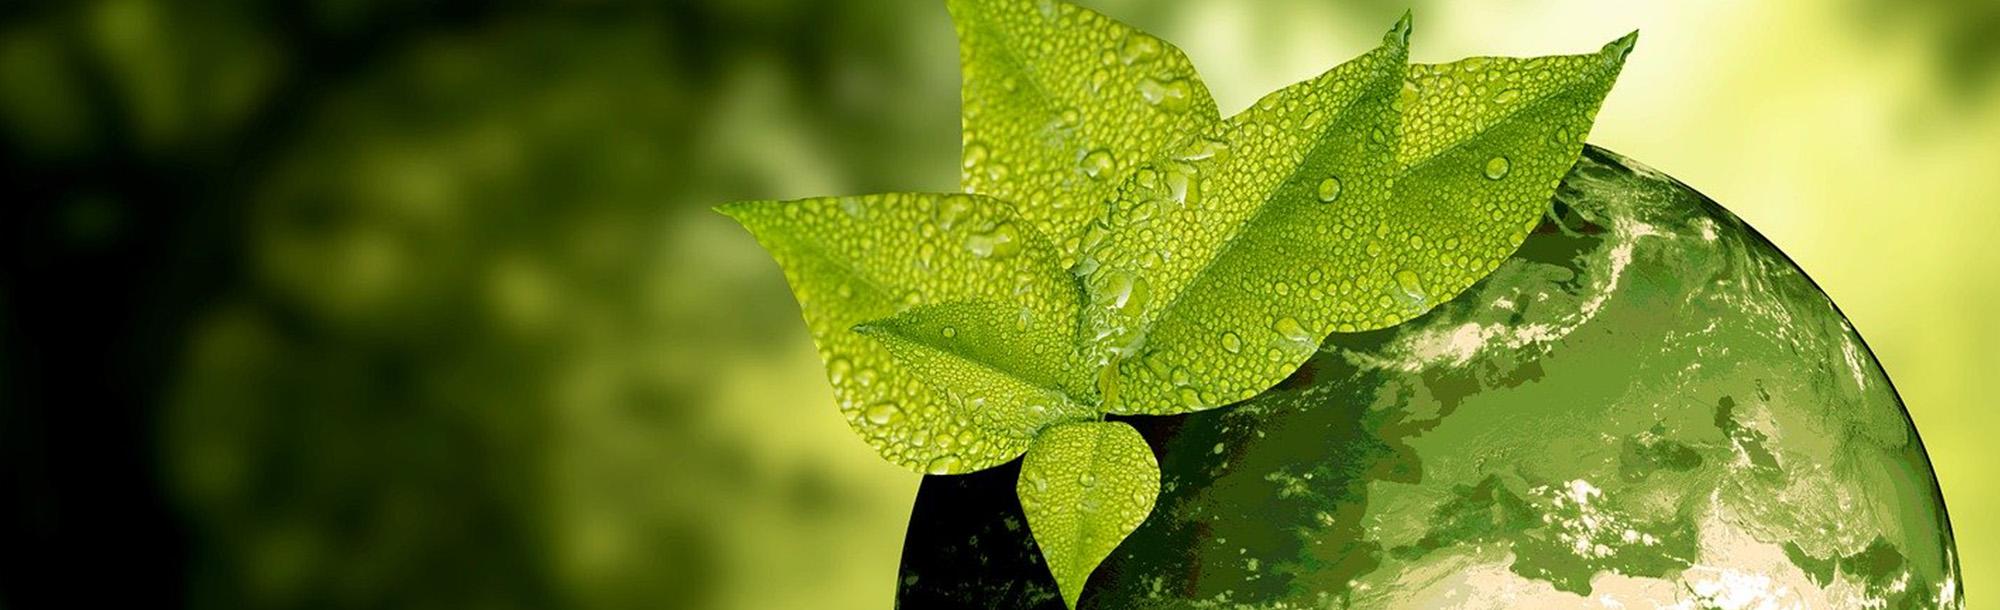 Warum ist eine nachhaltige Kreislaufwirtschaft so wichtig?